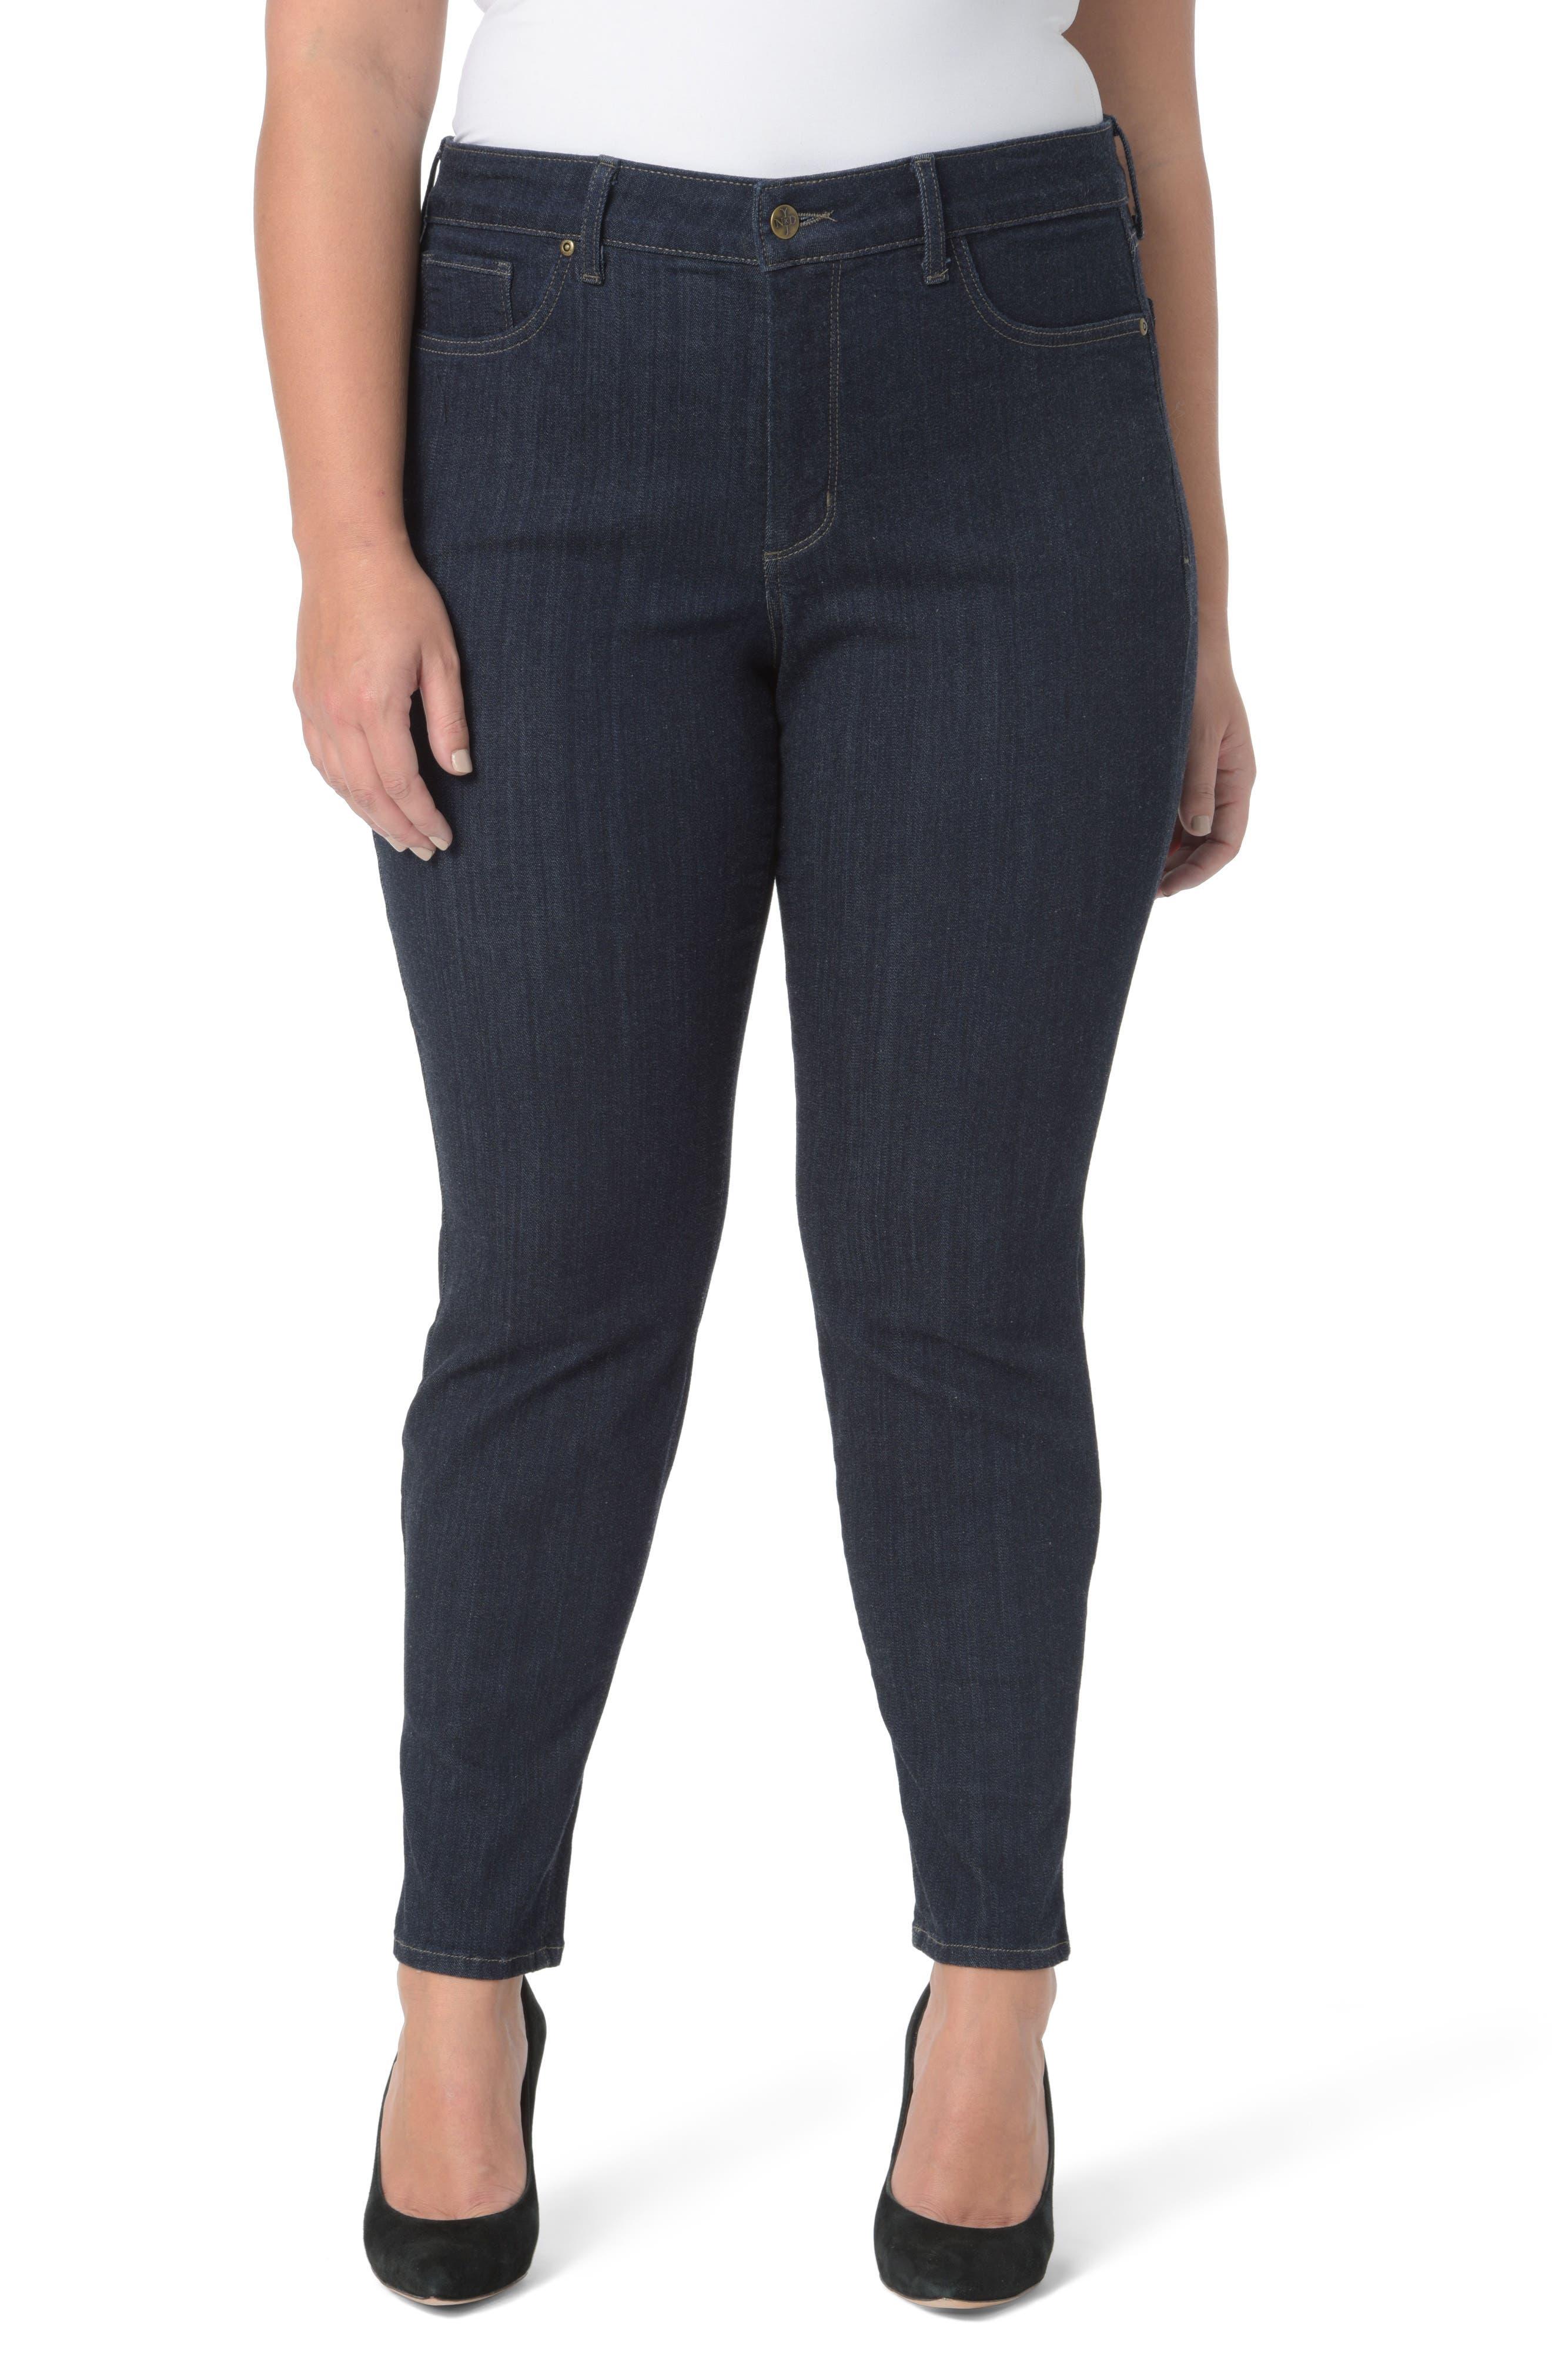 Ami Skinny Legging Jeans,                         Main,                         color, Mabel